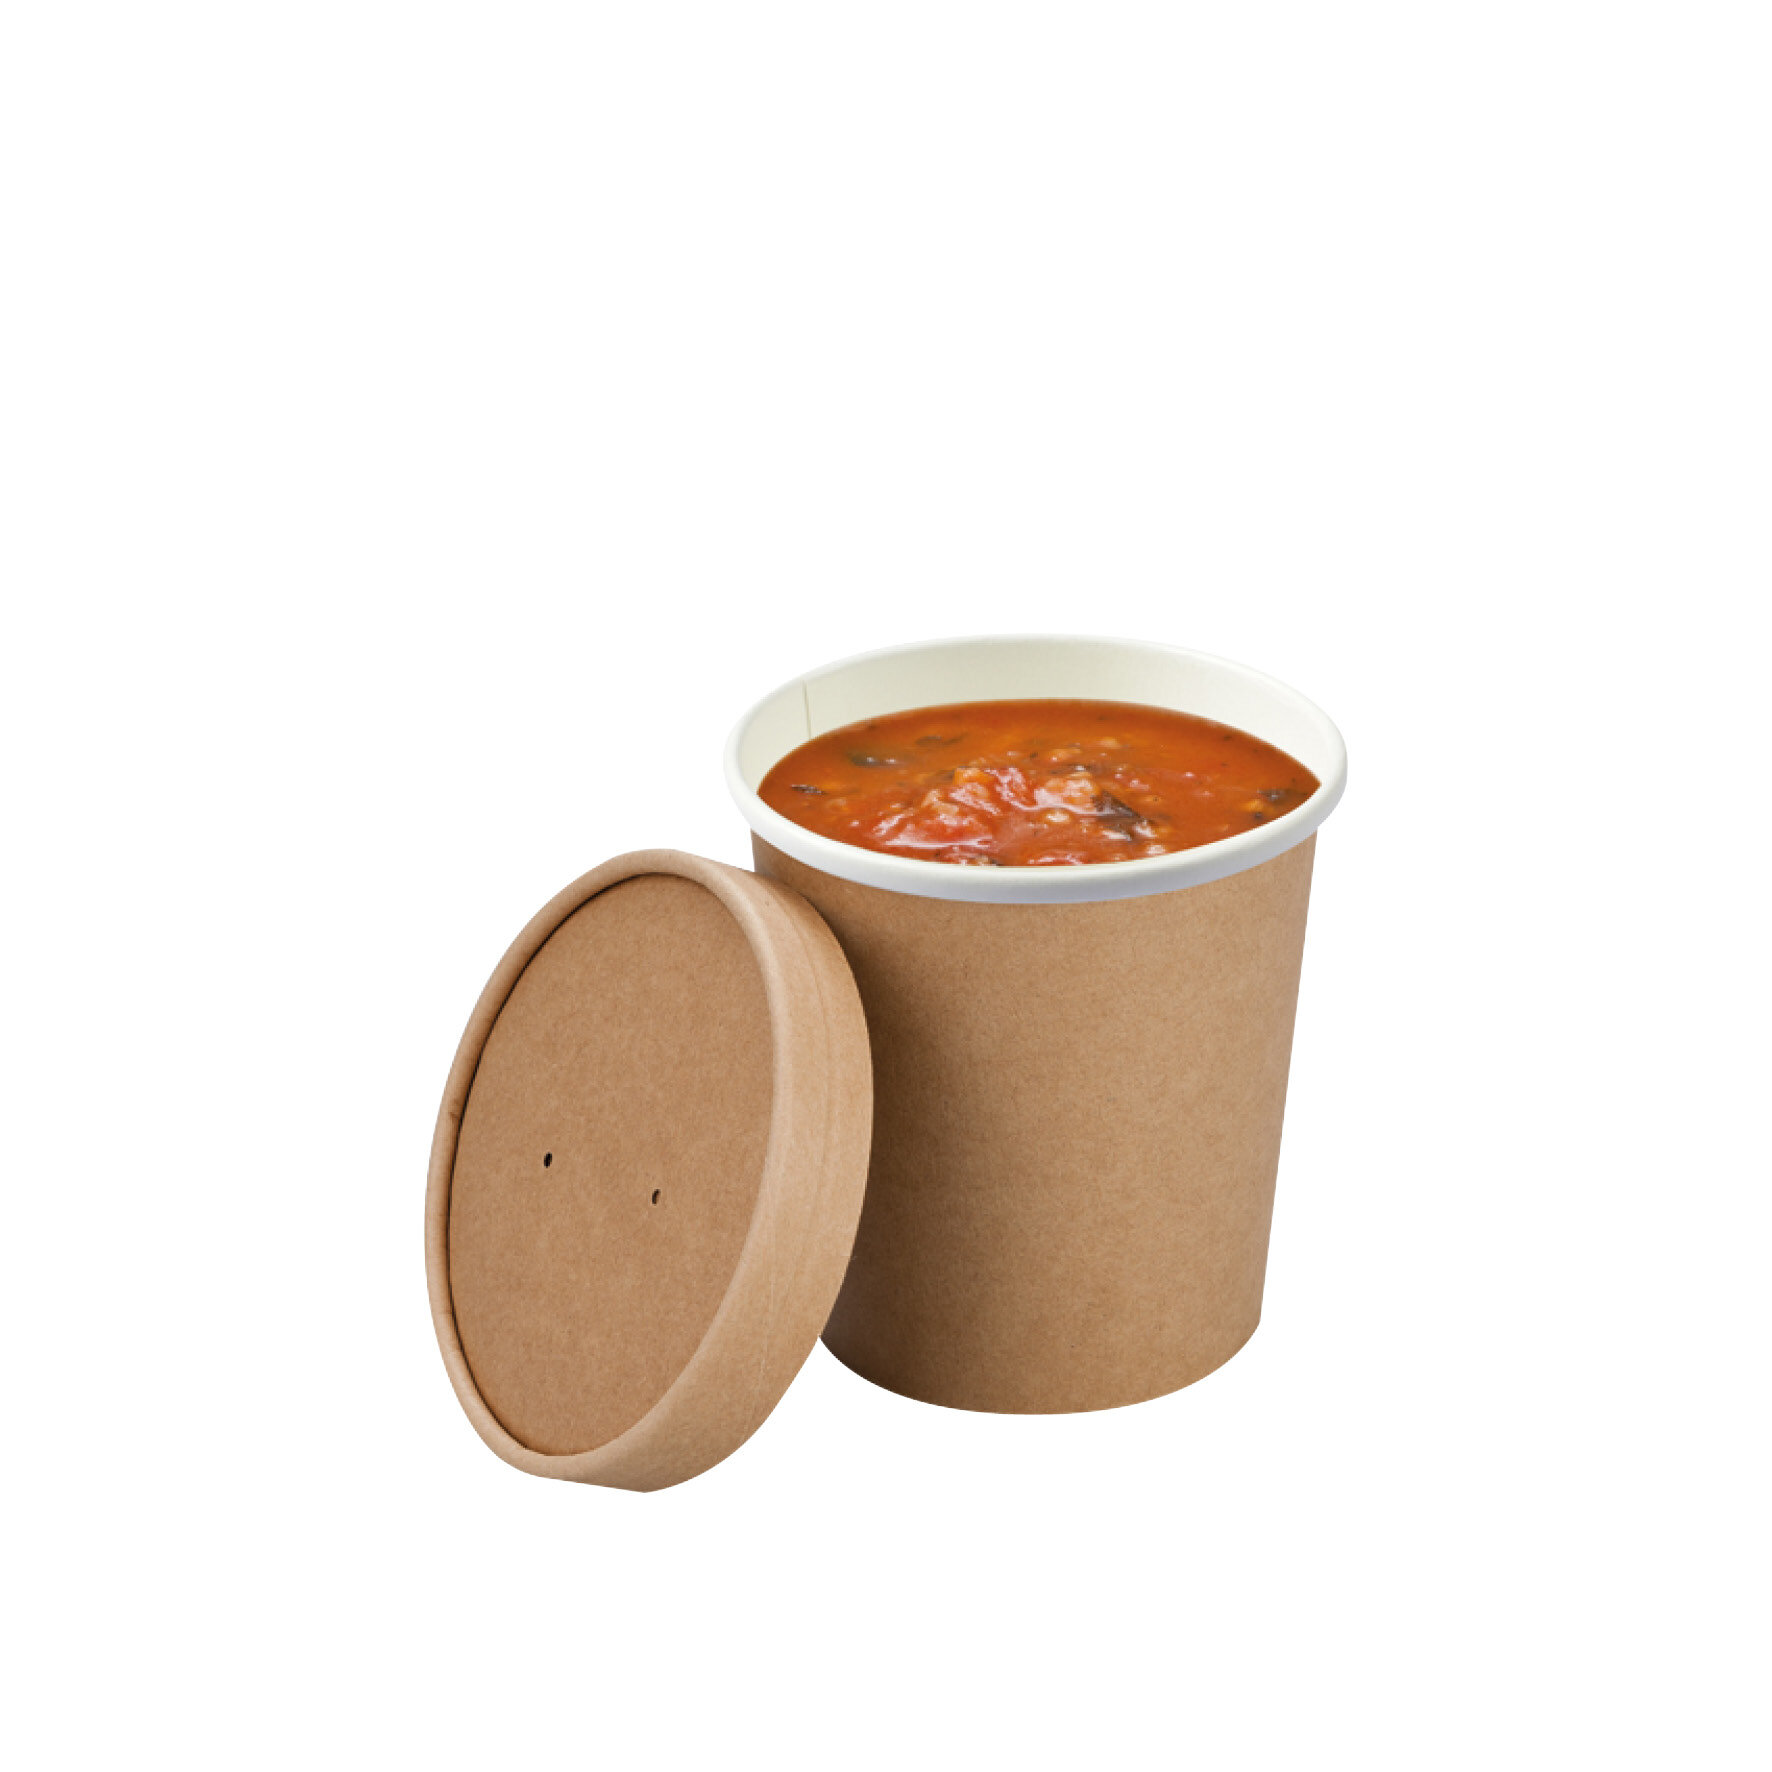 WEBAbowl  Soup to Go mit PLA Beschichtung    Kraftpapier mit Beschichtung aus Pflanzenstärke, kompostierbar, individuell bedruckbar, geeignet für Mikrowelle